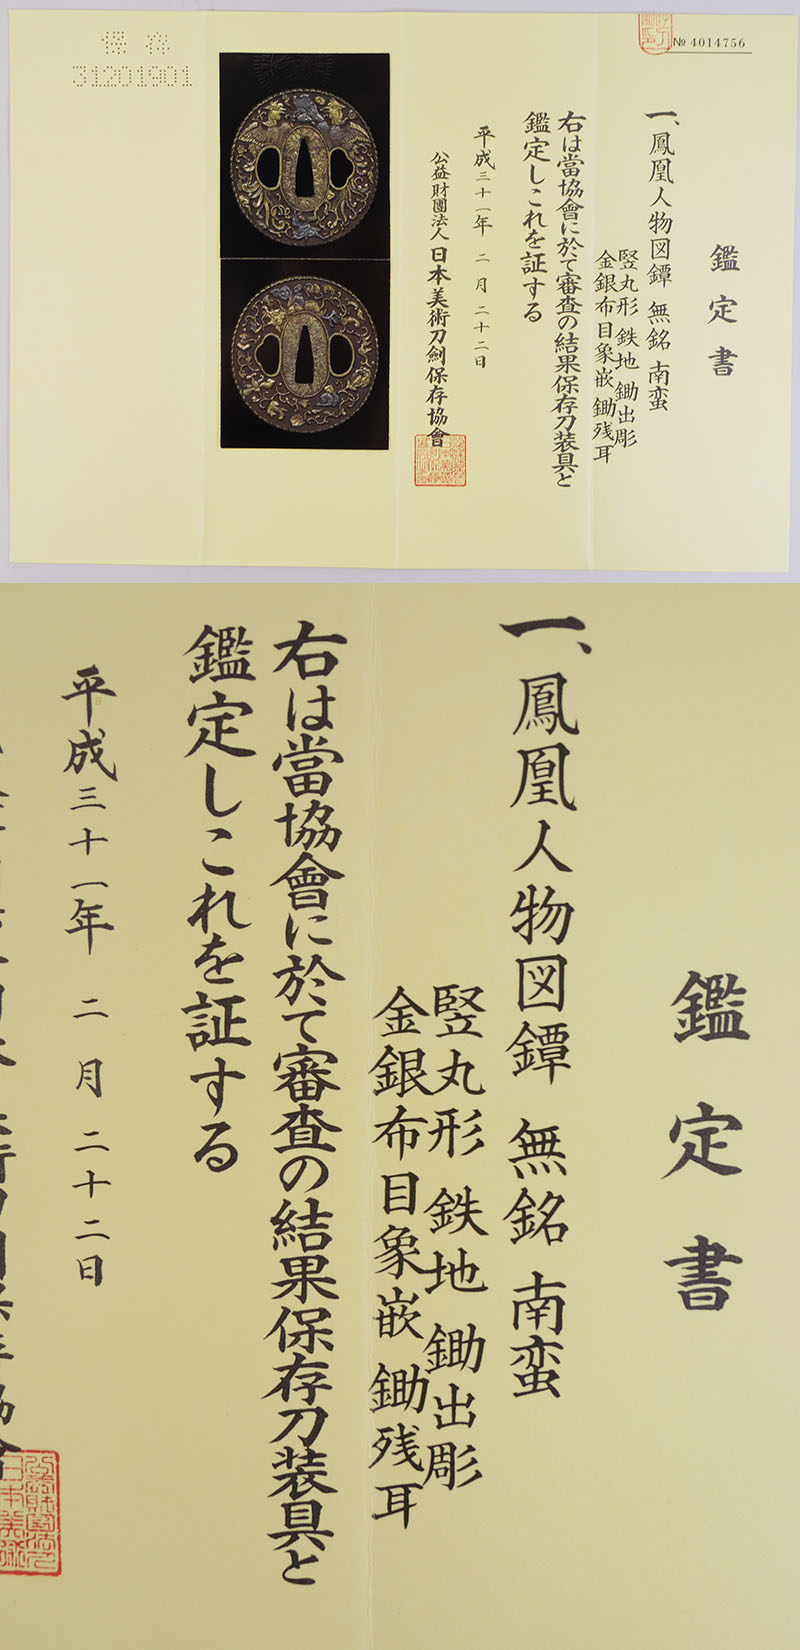 鳳凰人物図鐔 無銘 南蛮 Picture of Certificate